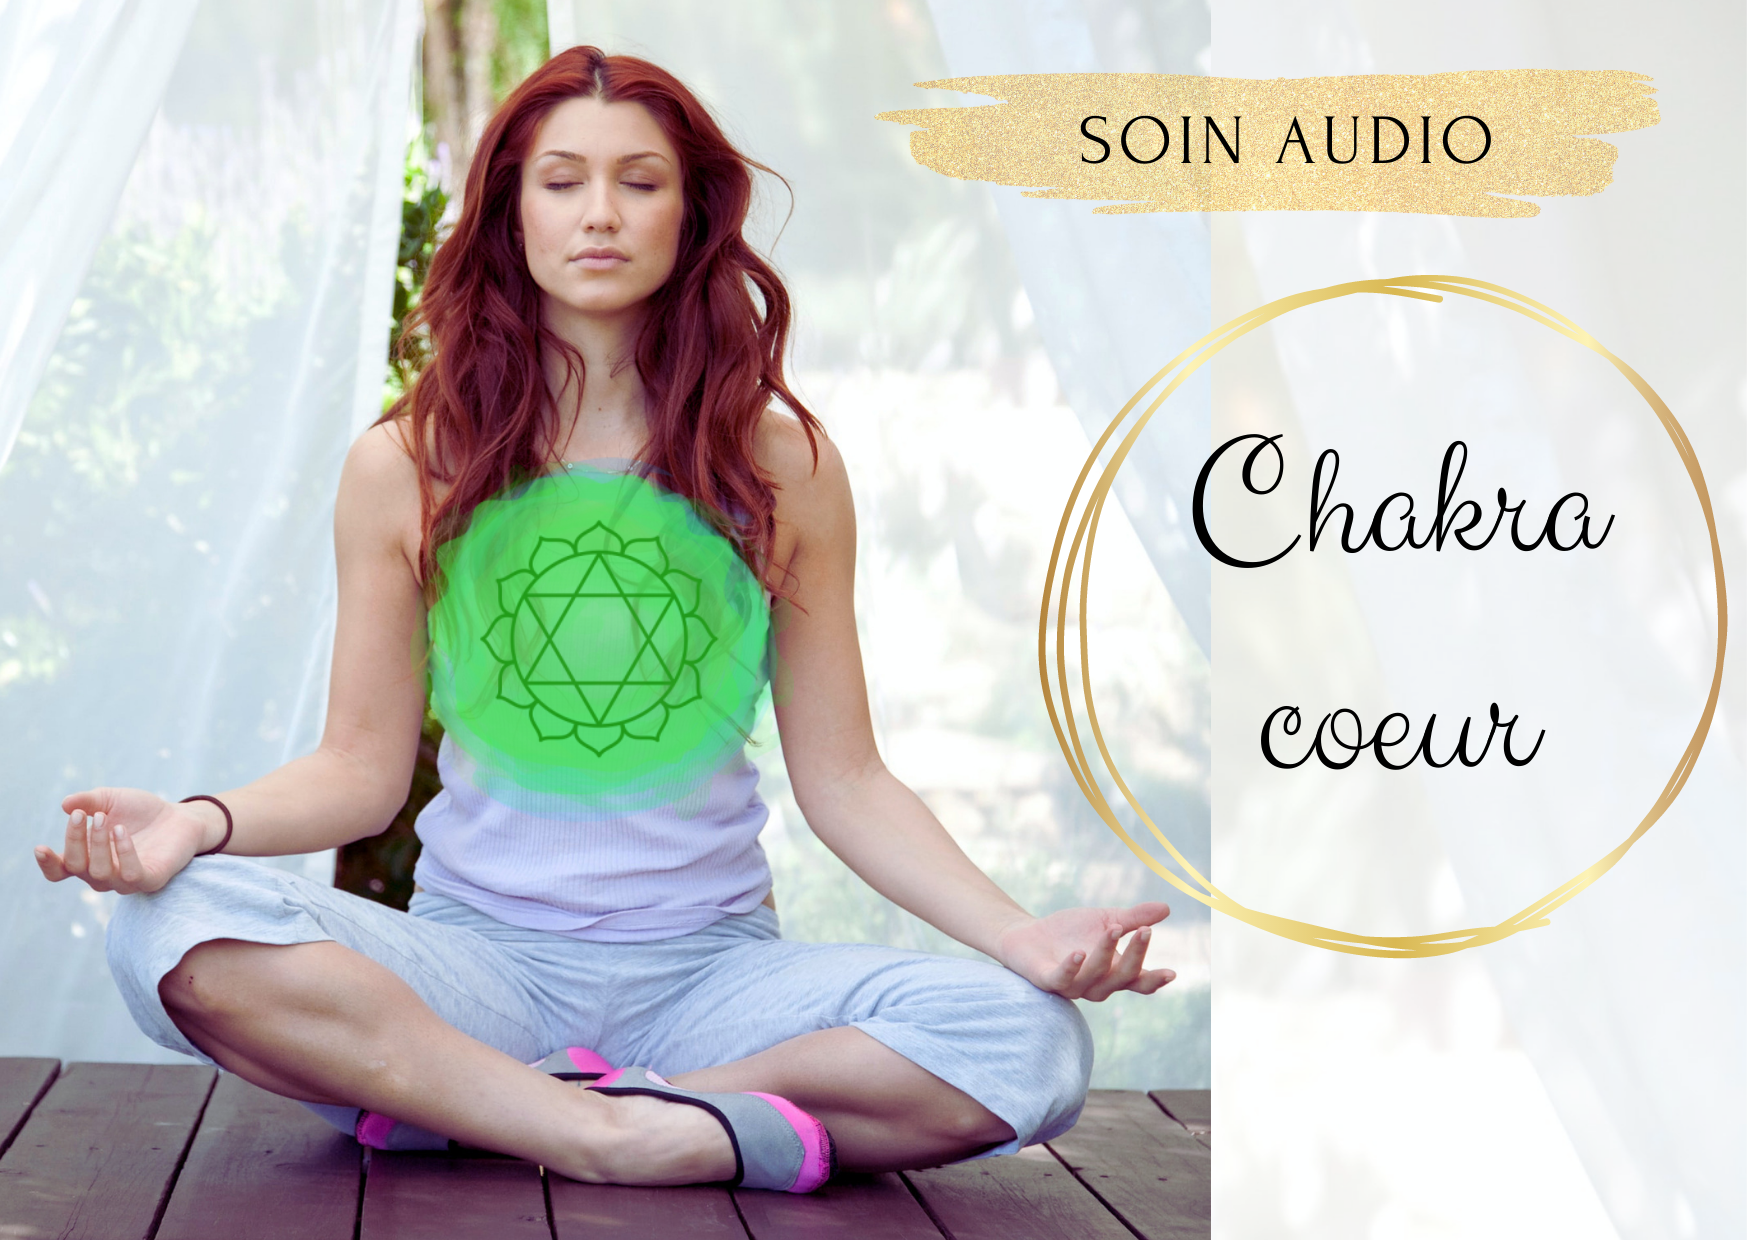 soin audio chakra coeur